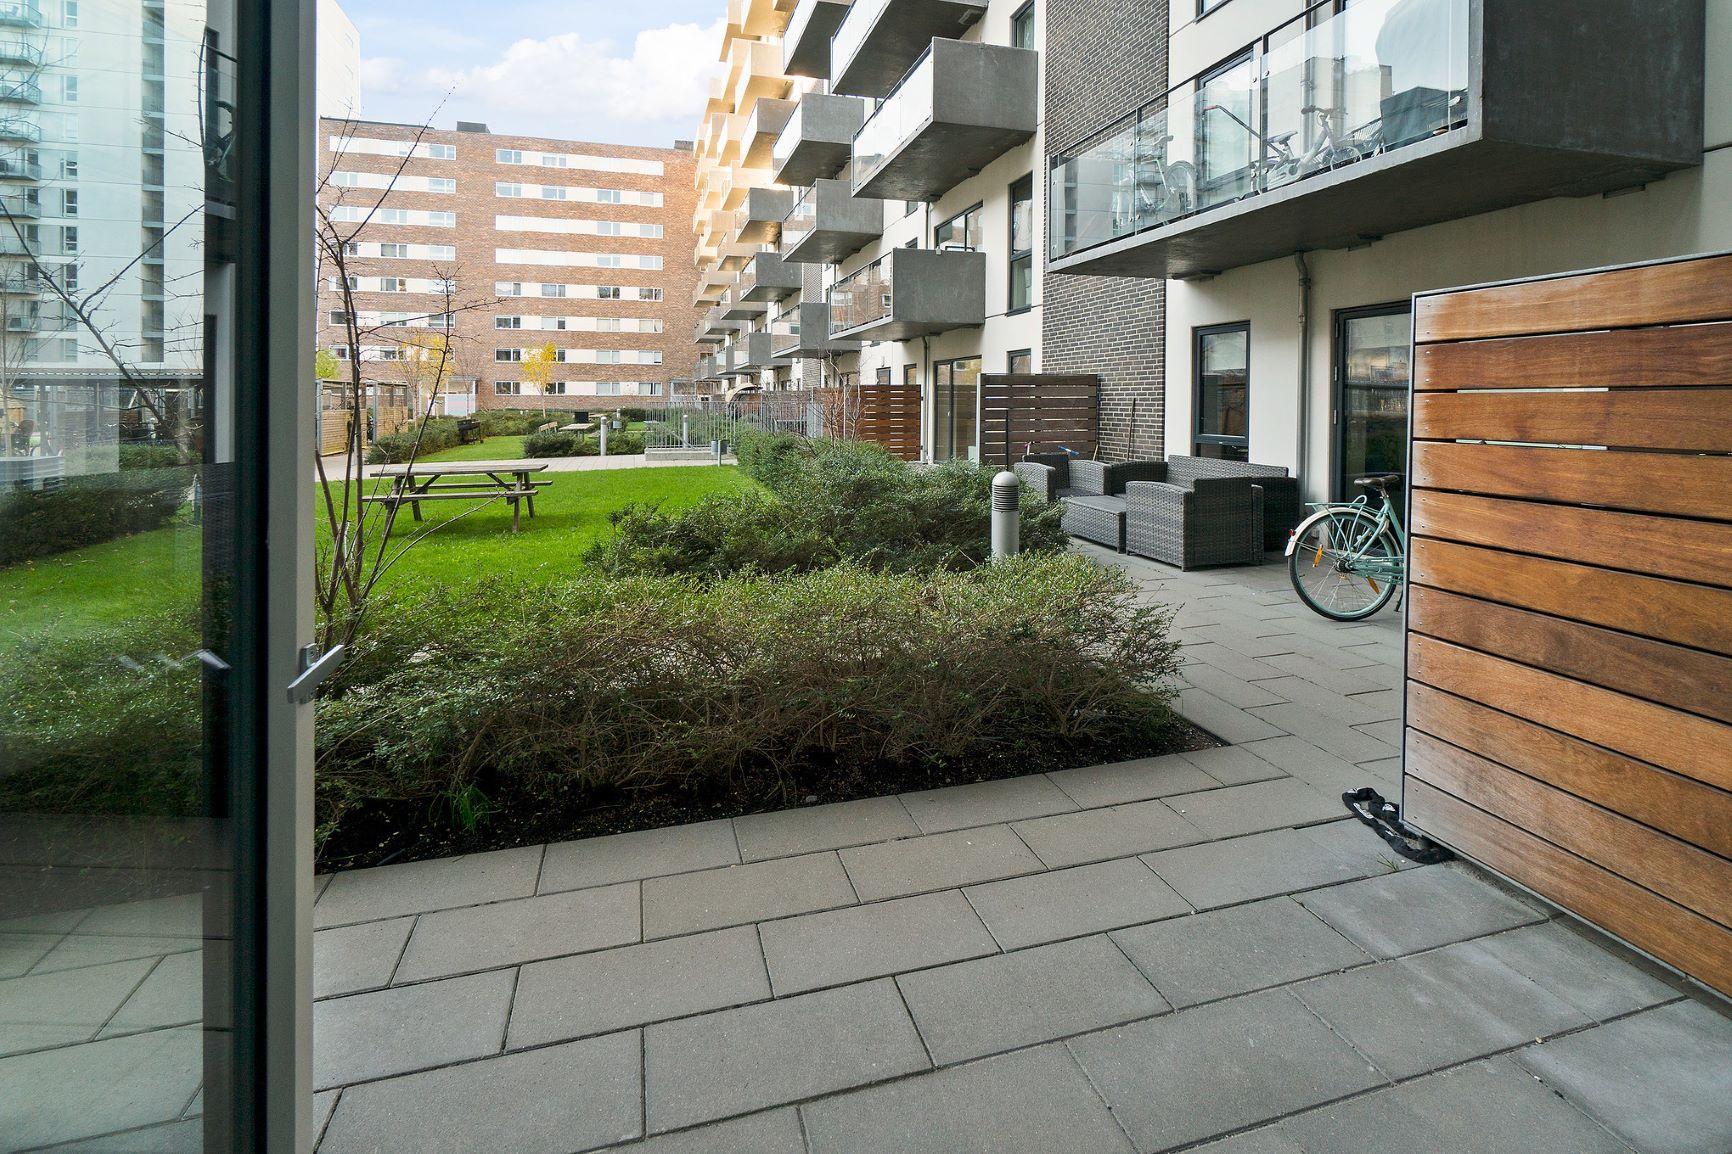 Lejebolig på C.F. Møllers Allé 2D, 7. mf., 2300 København S